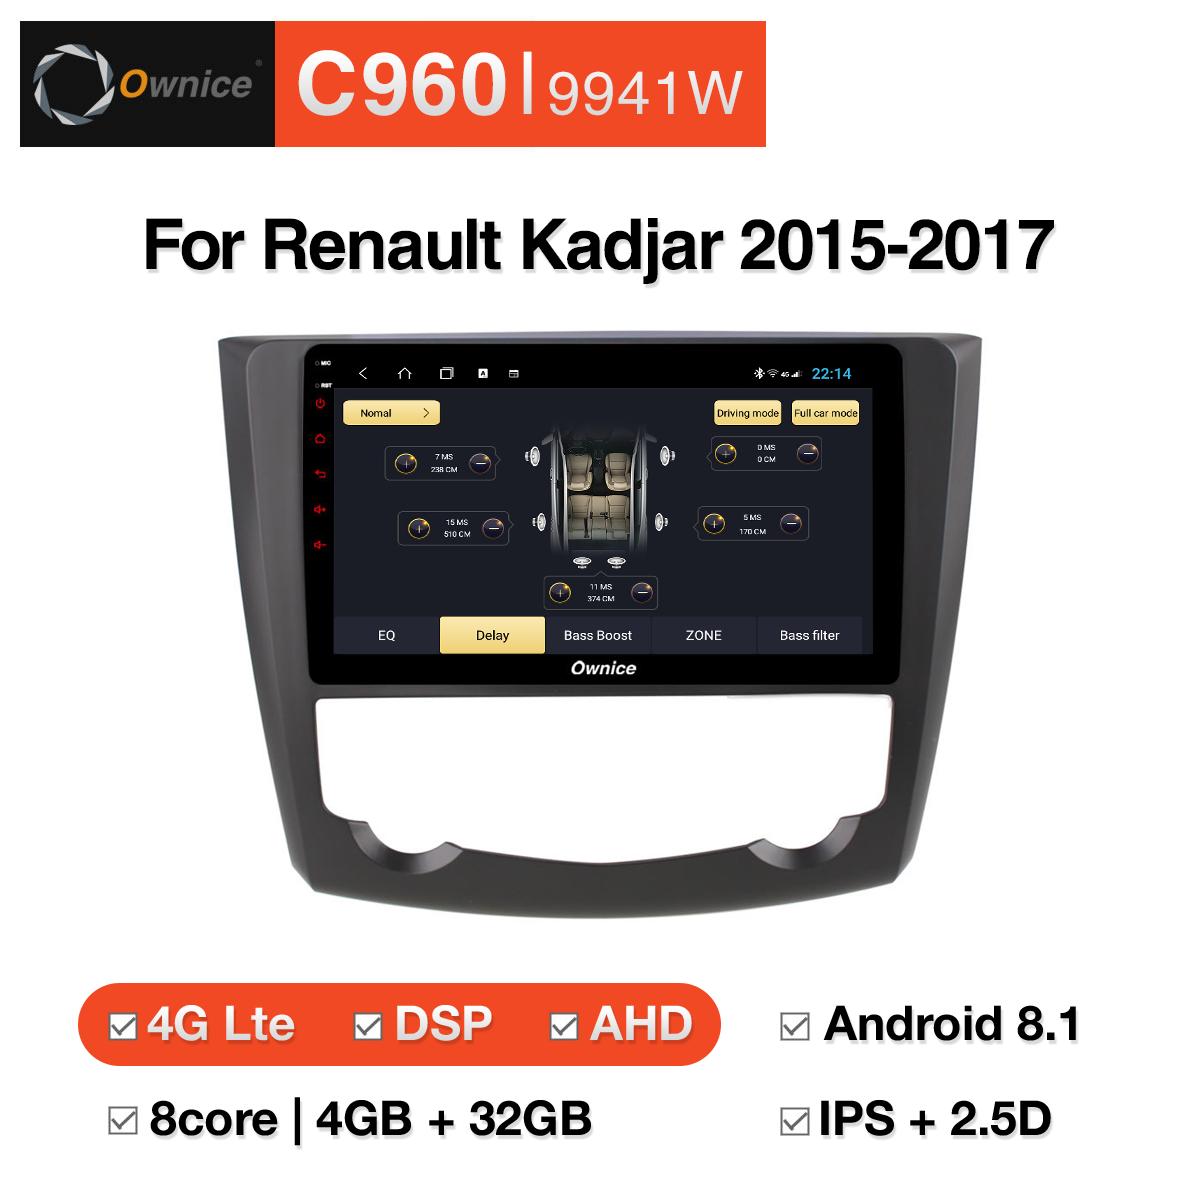 Đầu DVD android Ownice C960 cho xe ô tô Renault Kadjar 2015-2017:: OL-9941W